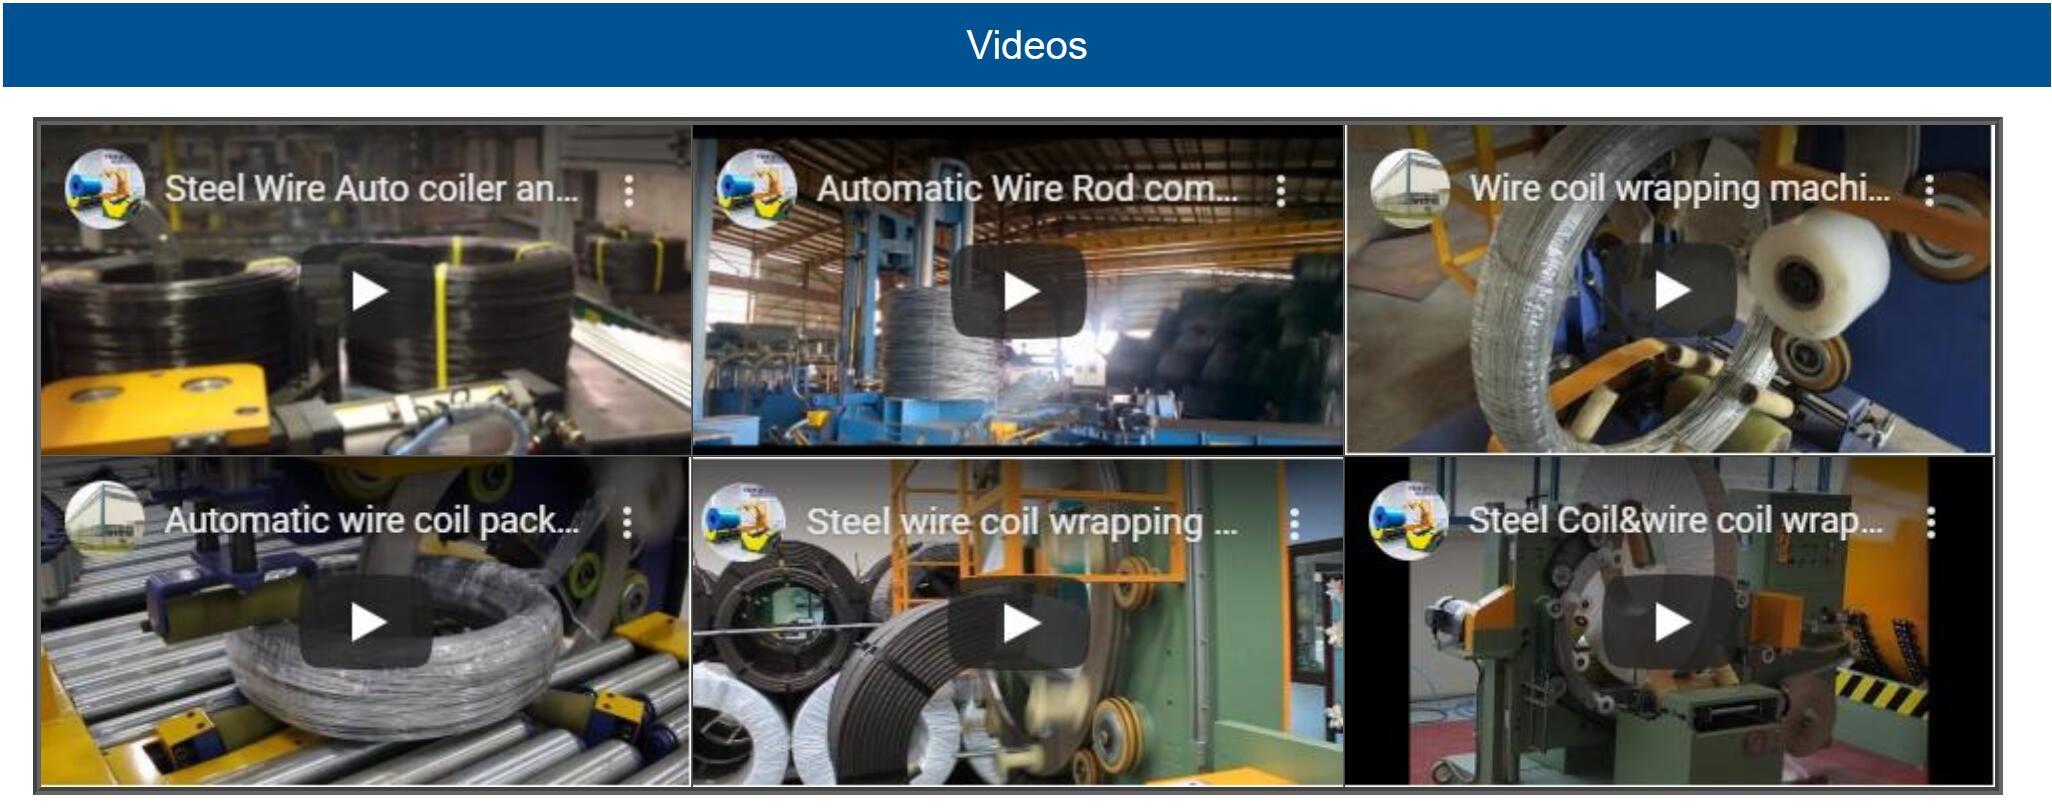 wire packing machine videos